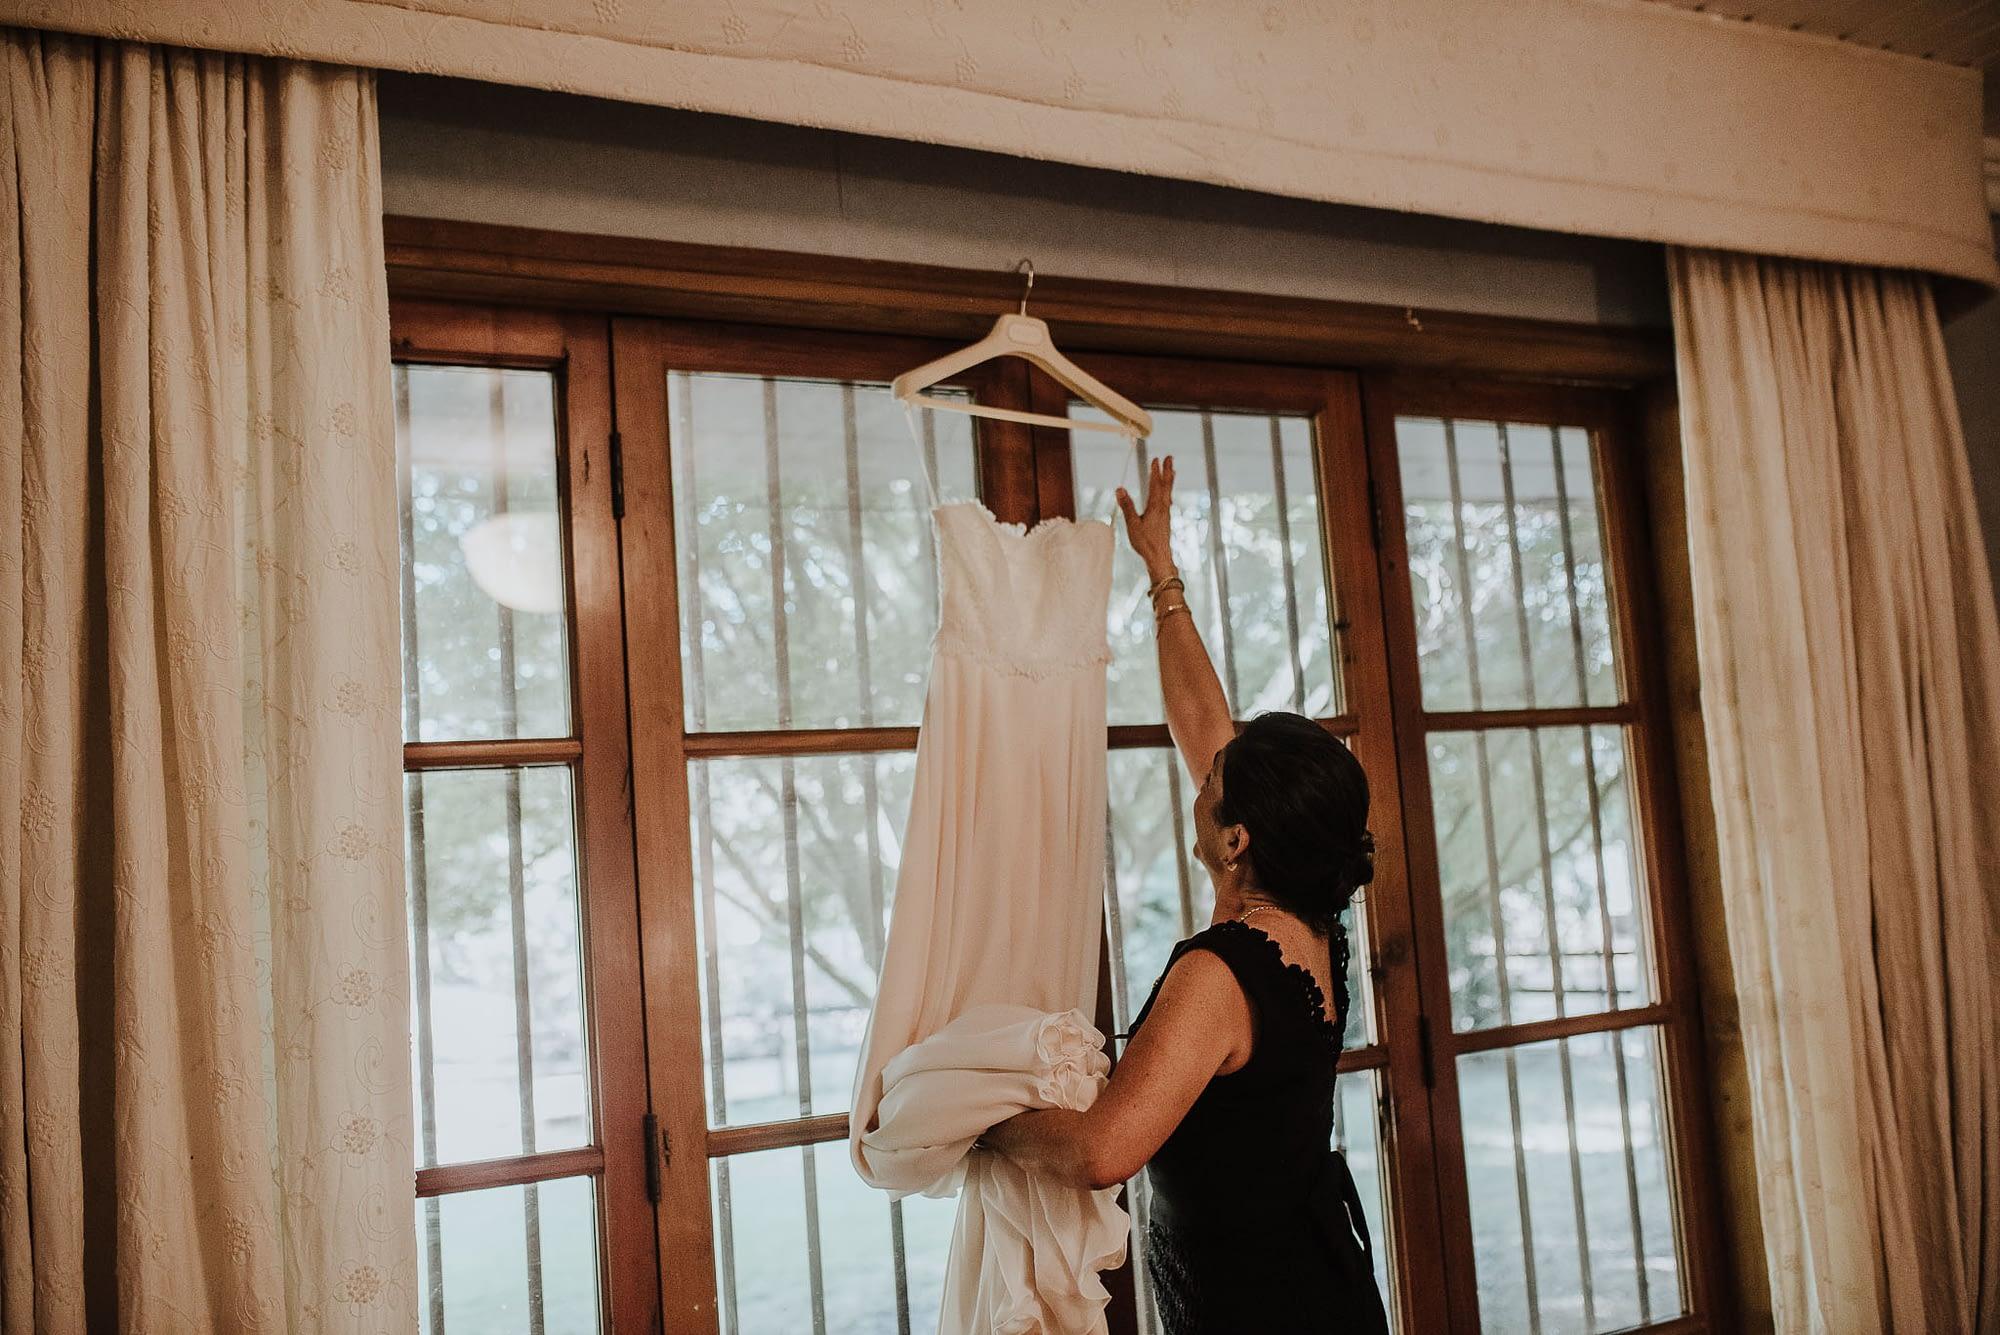 preparativos-novia-casa de campo fullervestido de novia